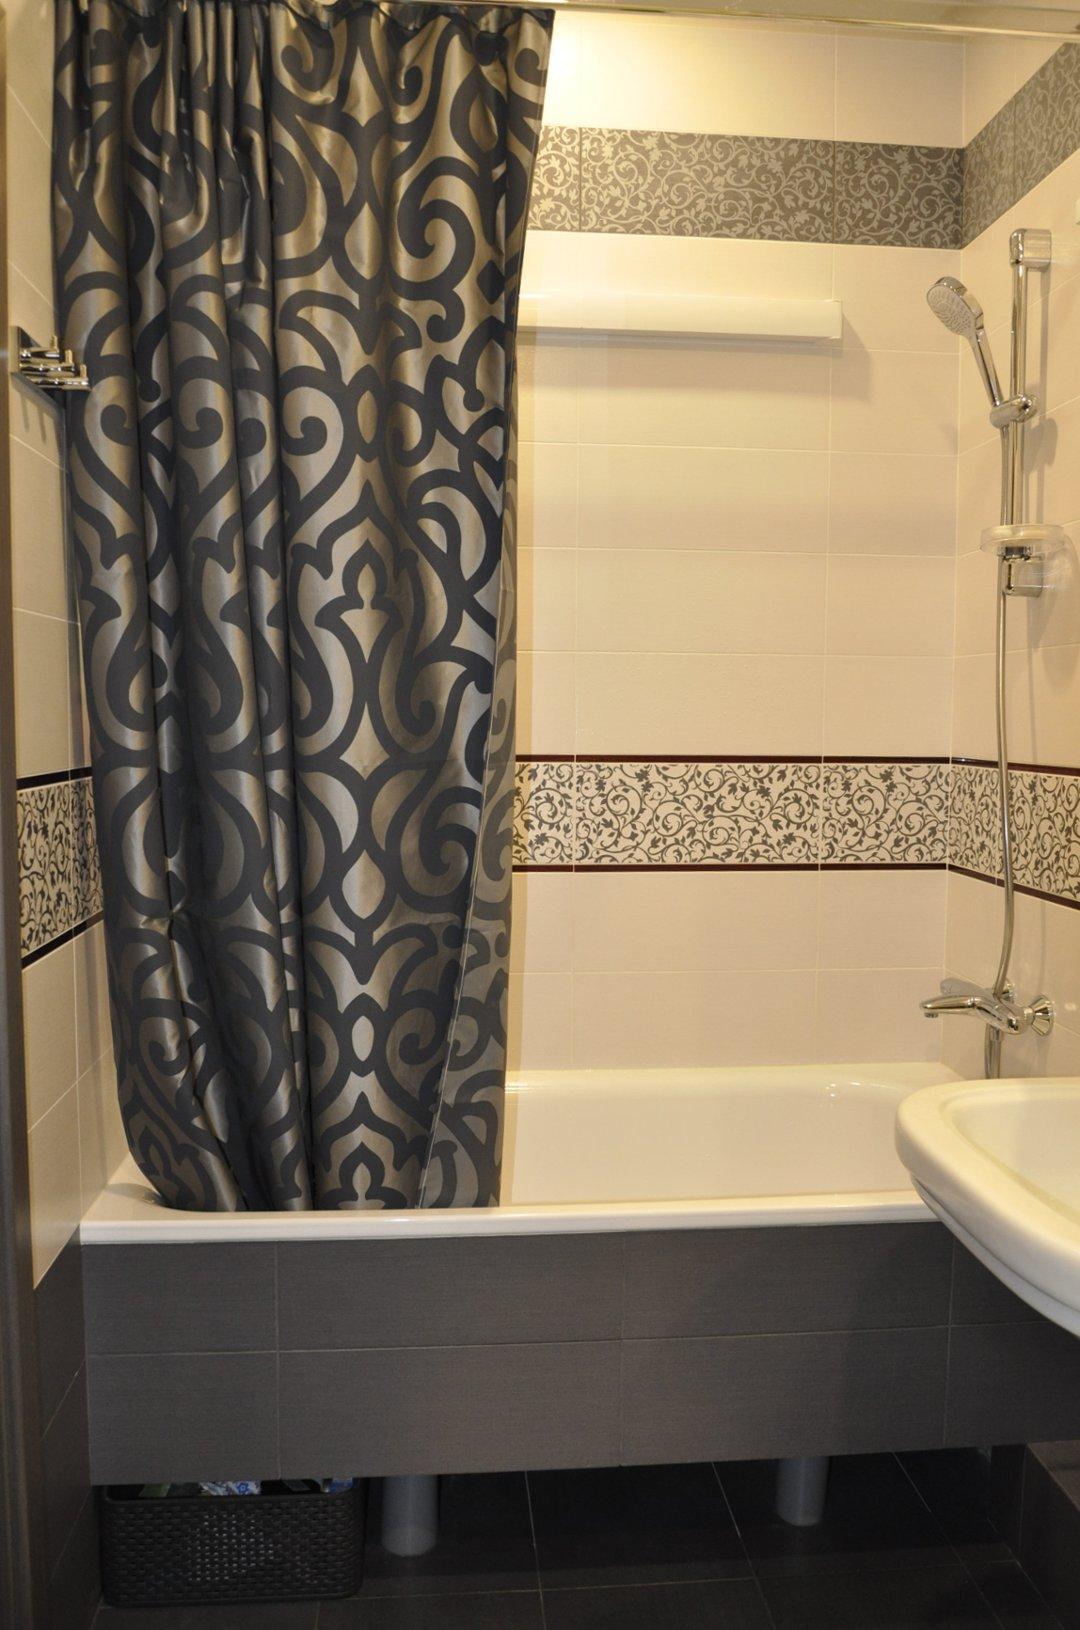 Закрытая тёмной плиткой на гипсокартоне ванна в интерьере. Вид А